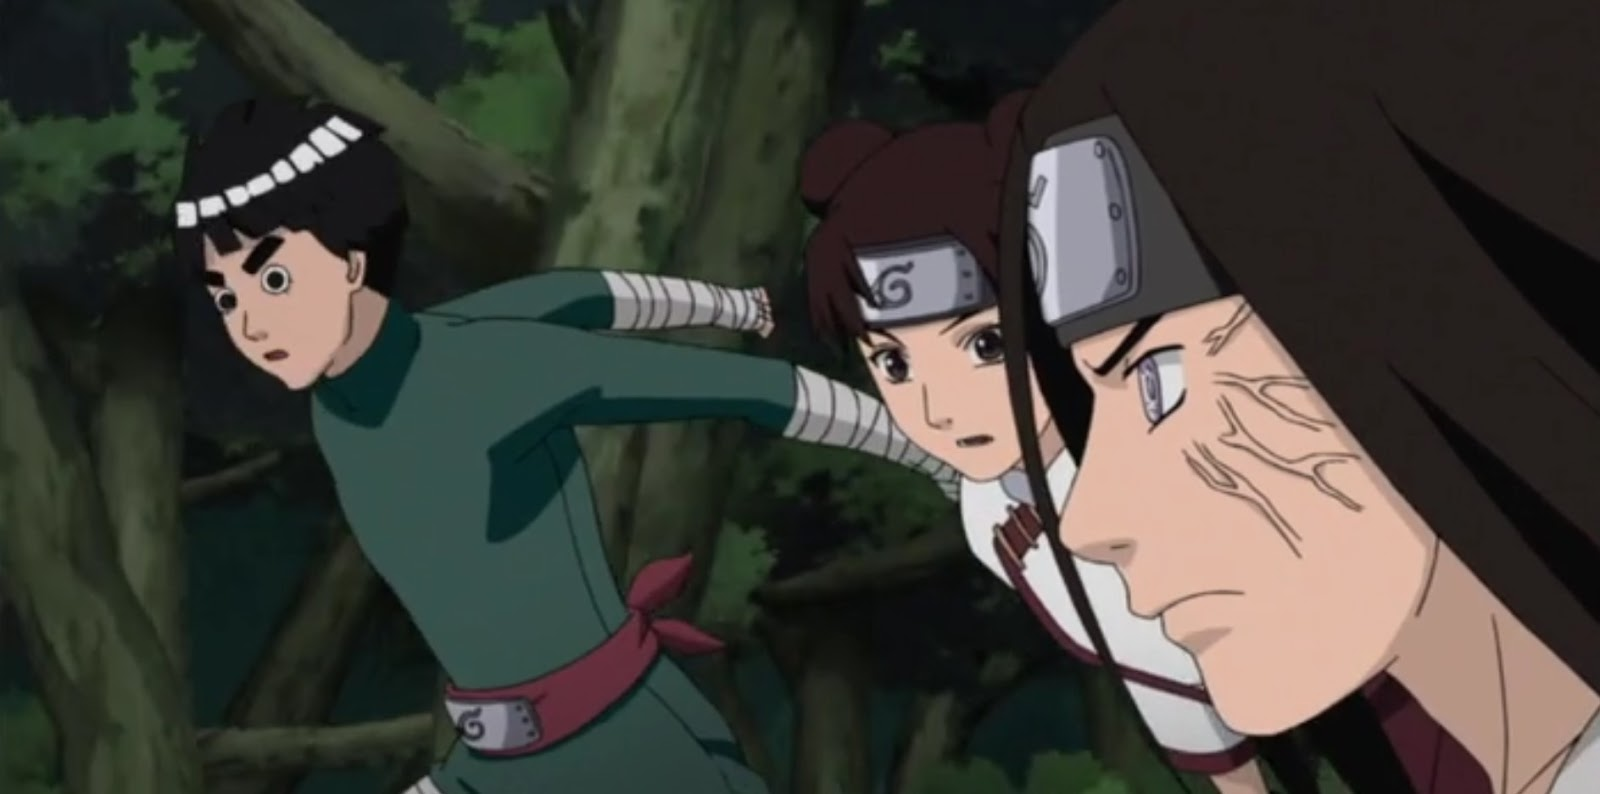 Naruto Shippuden Episódio 397, Assistir Naruto Shippuden Episódio 397, Assistir Naruto Shippuden Todos os Episódios Legendado, Naruto Shippuden episódio 397,HD